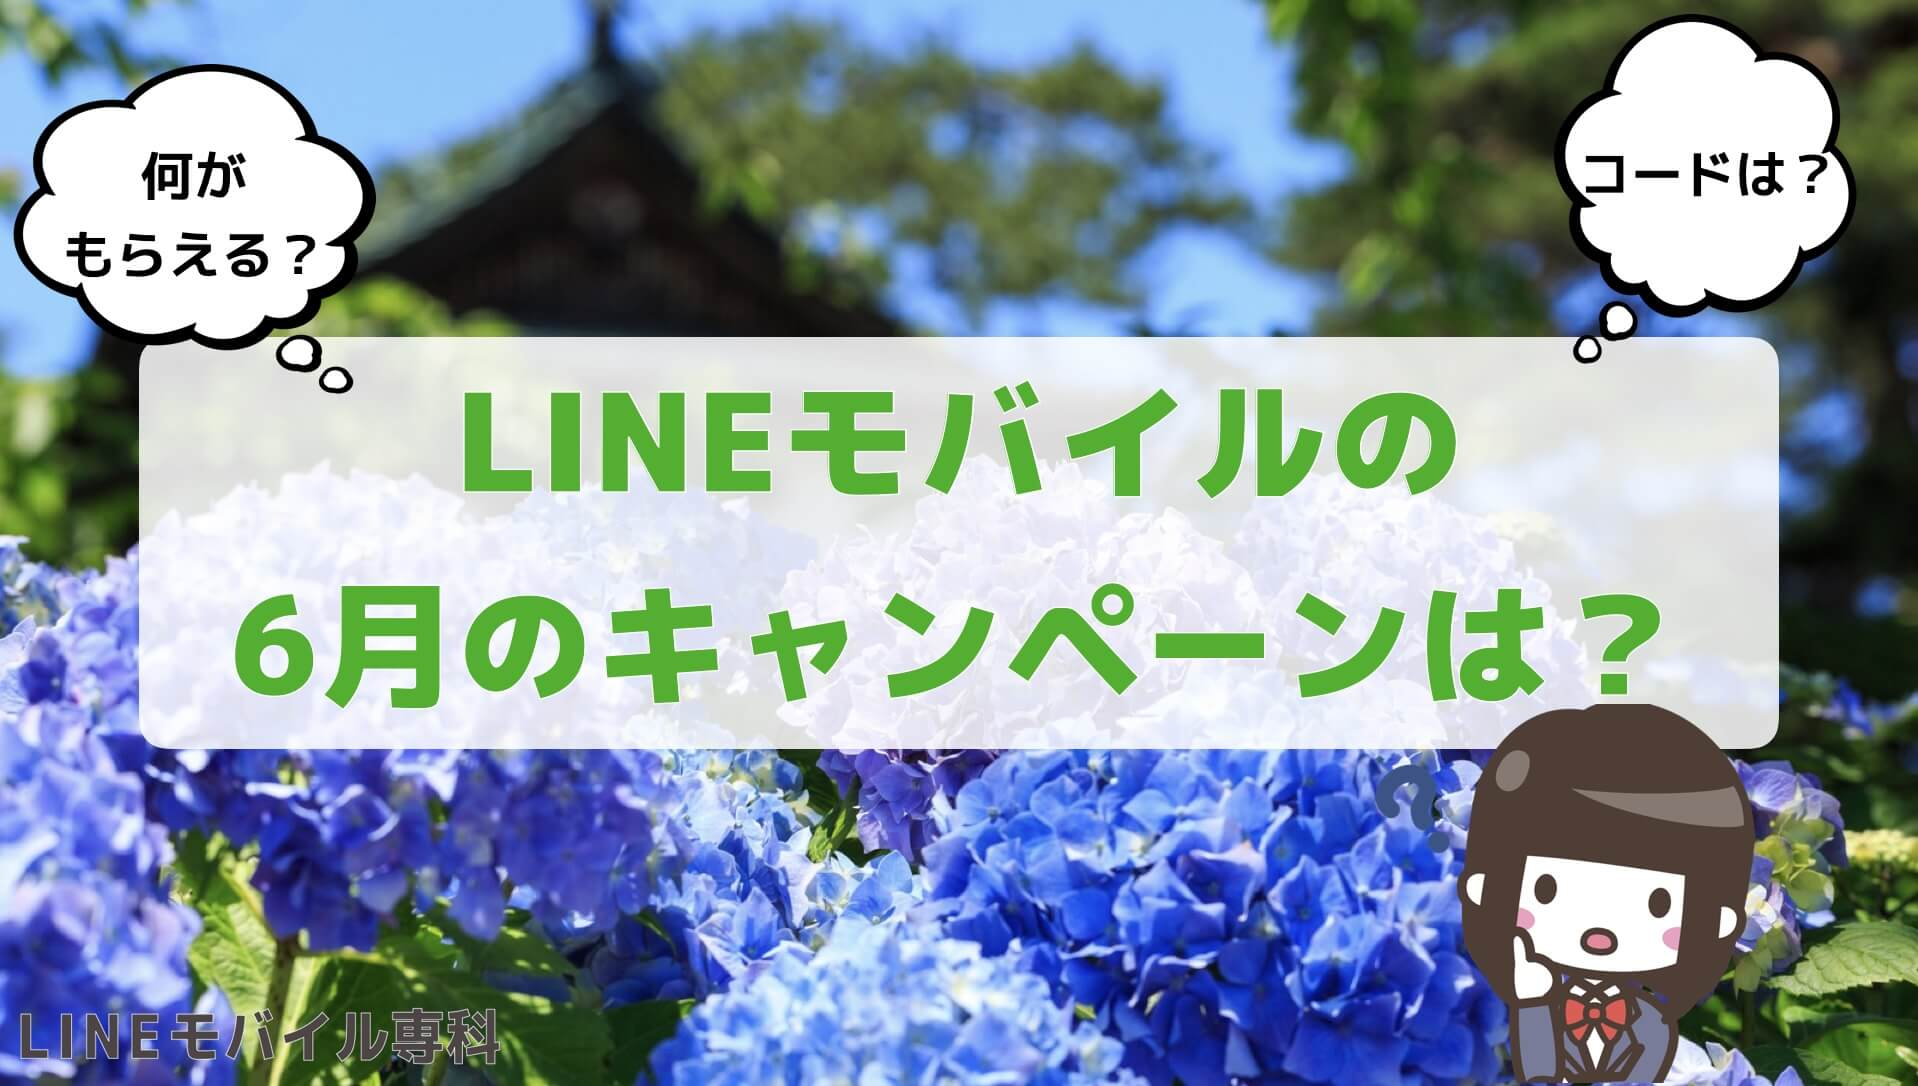 LINEモバイルの6月の最新キャンペーン